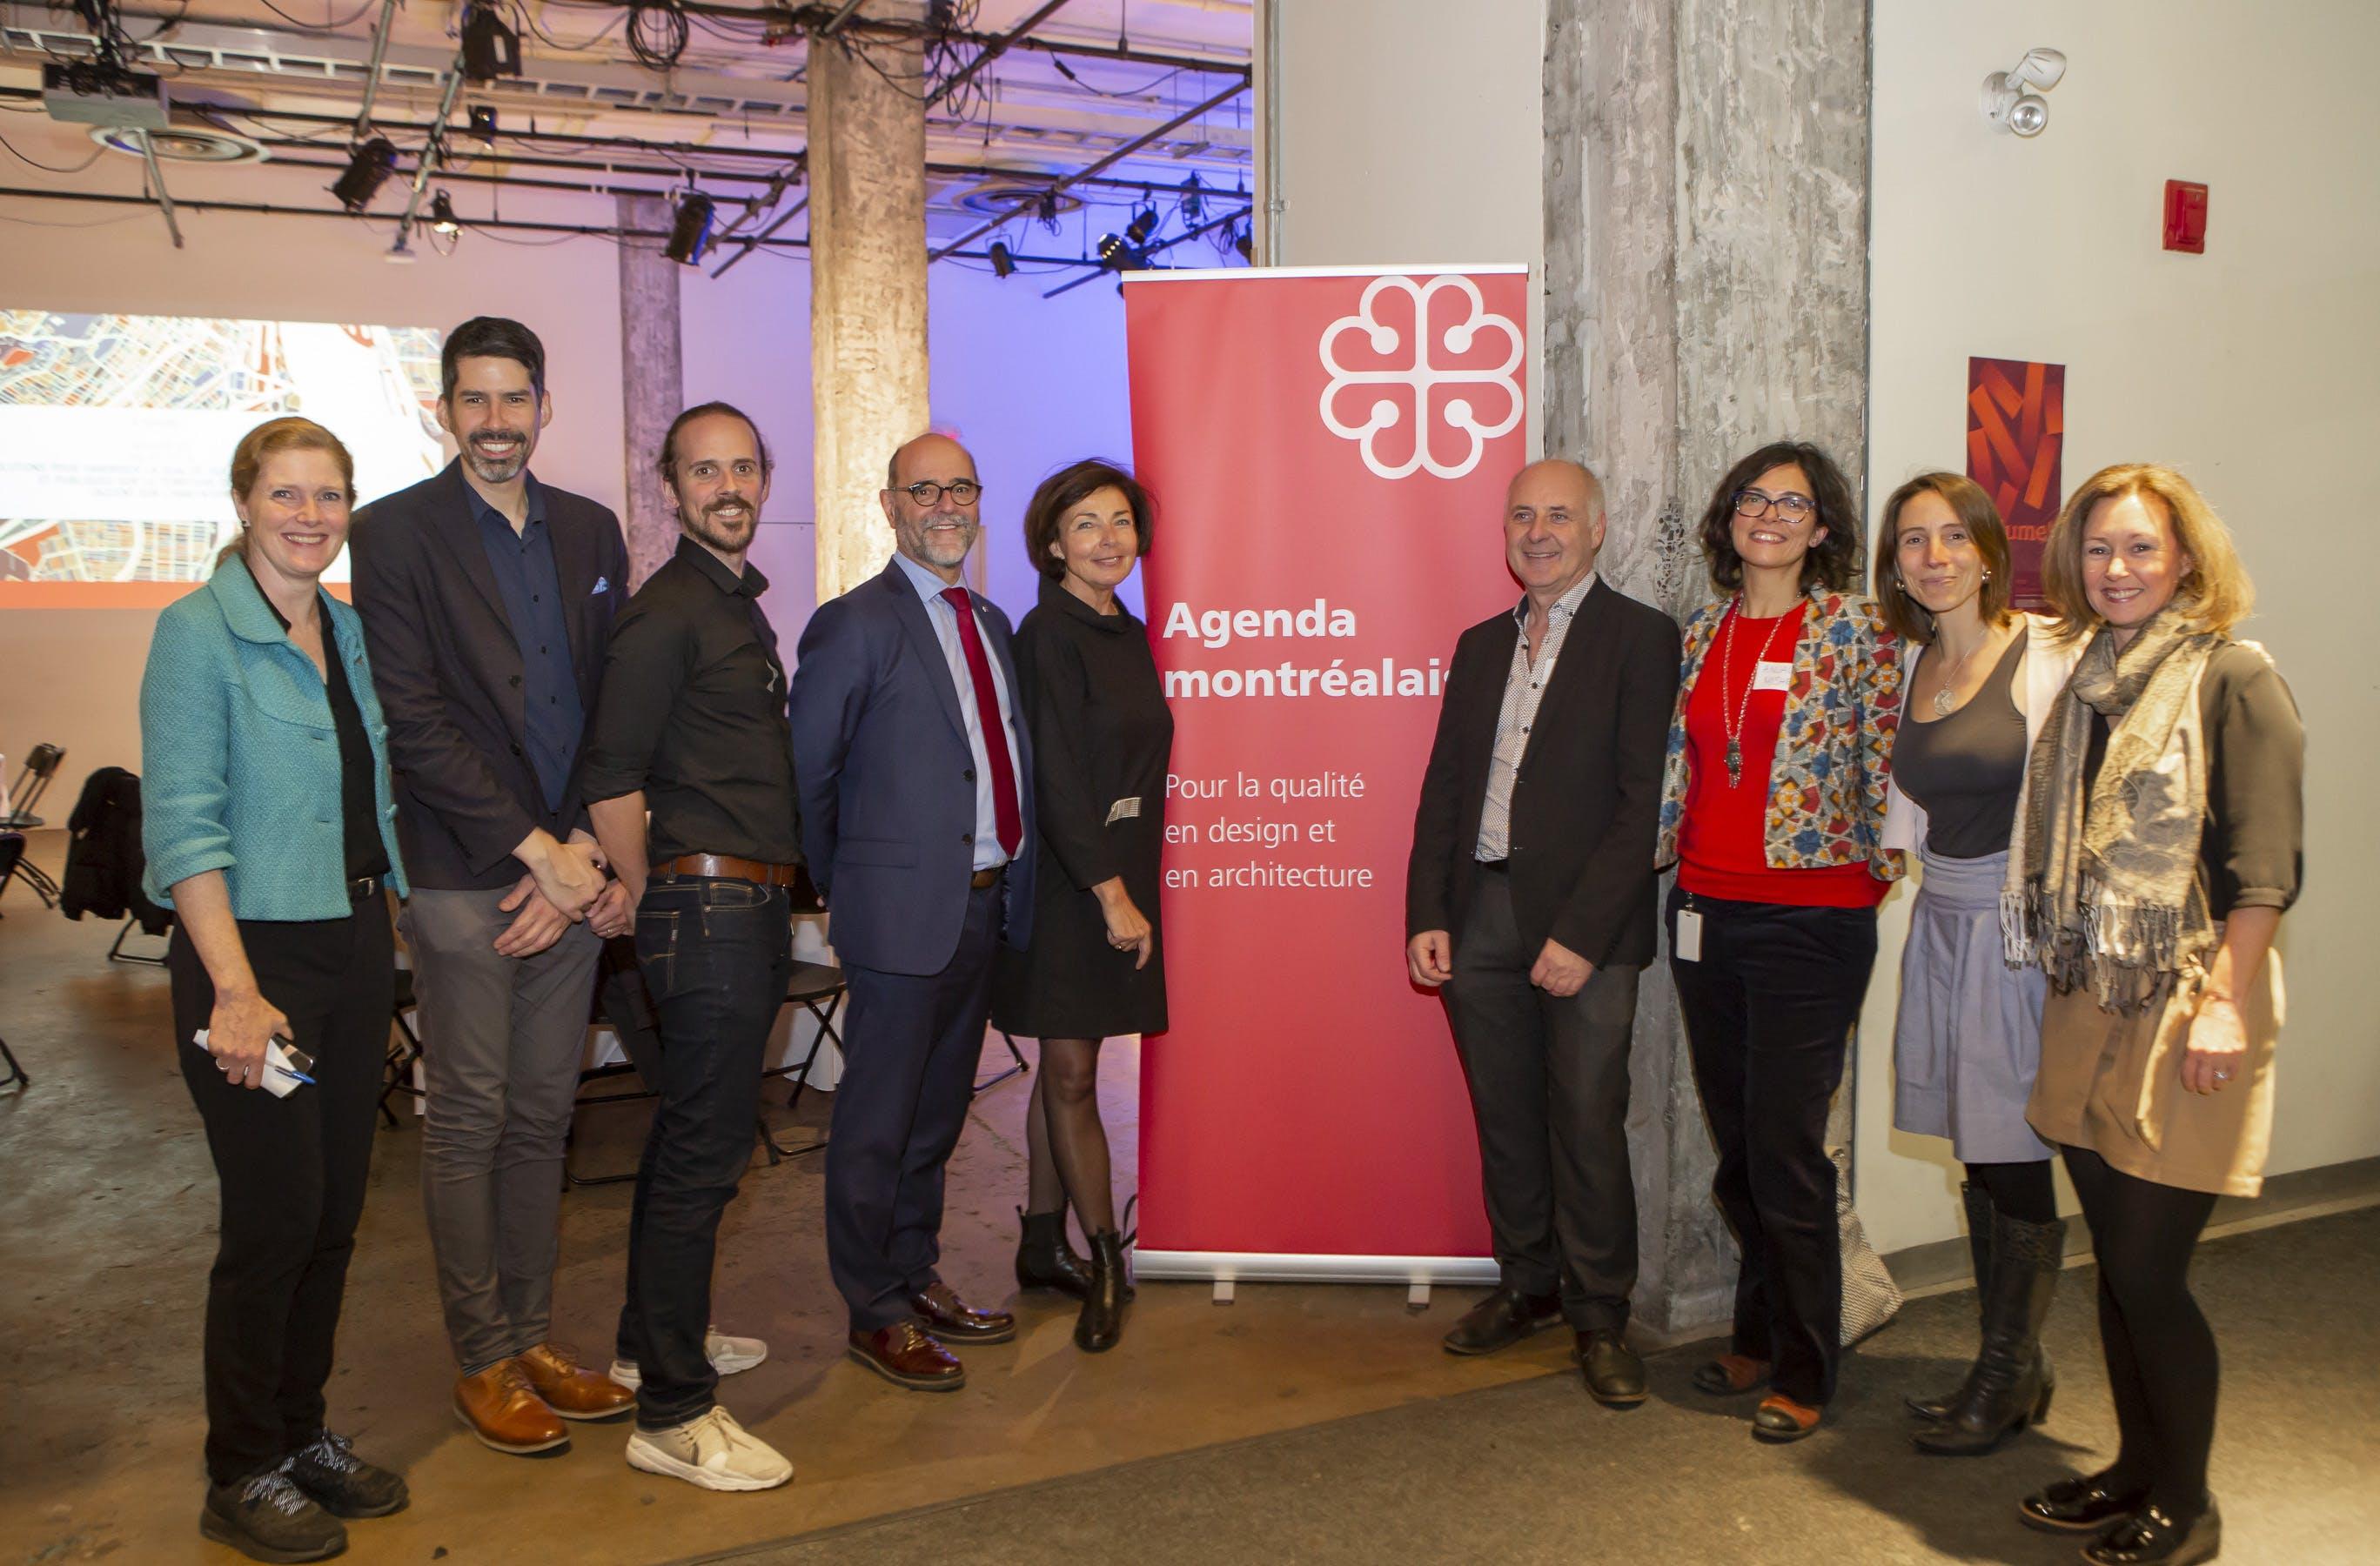 Membres du groupe de travail de l'Agenda en présence du Directeur général de la Ville de Montreal, M. Serge Lamontagne